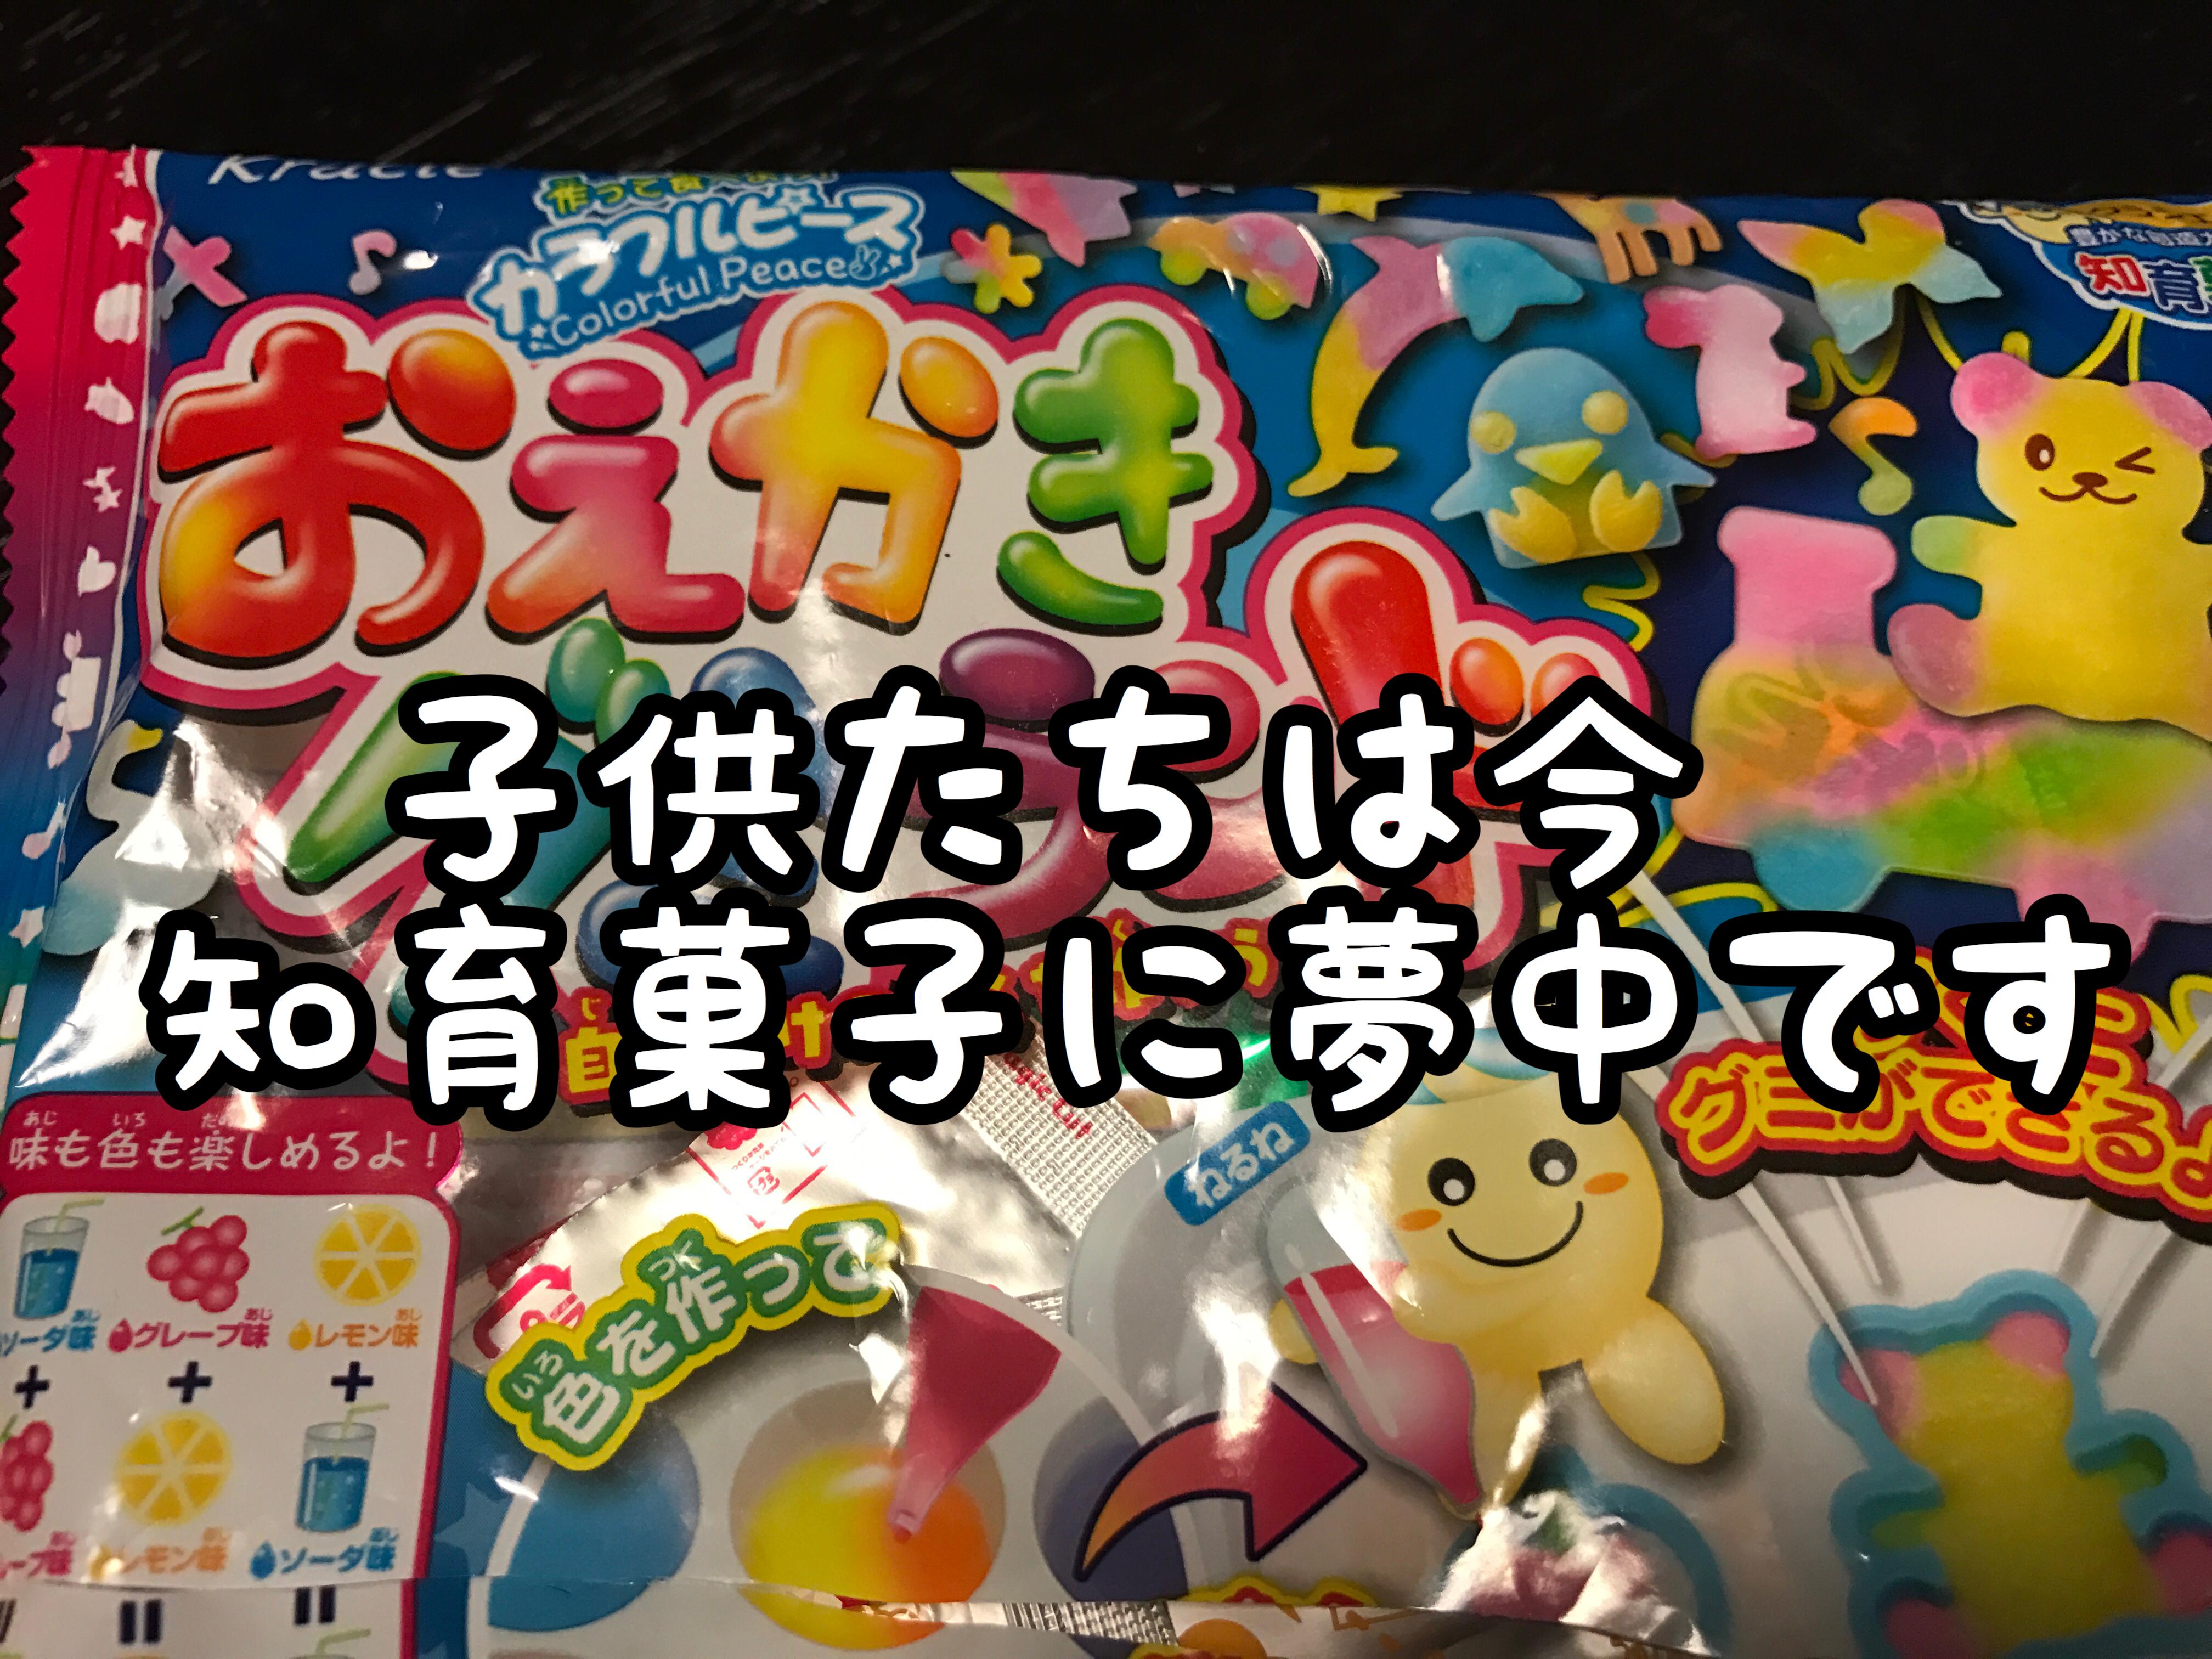 【お菓子】こんなに色々種類があるの!?子どもたちは知育菓子に夢中です